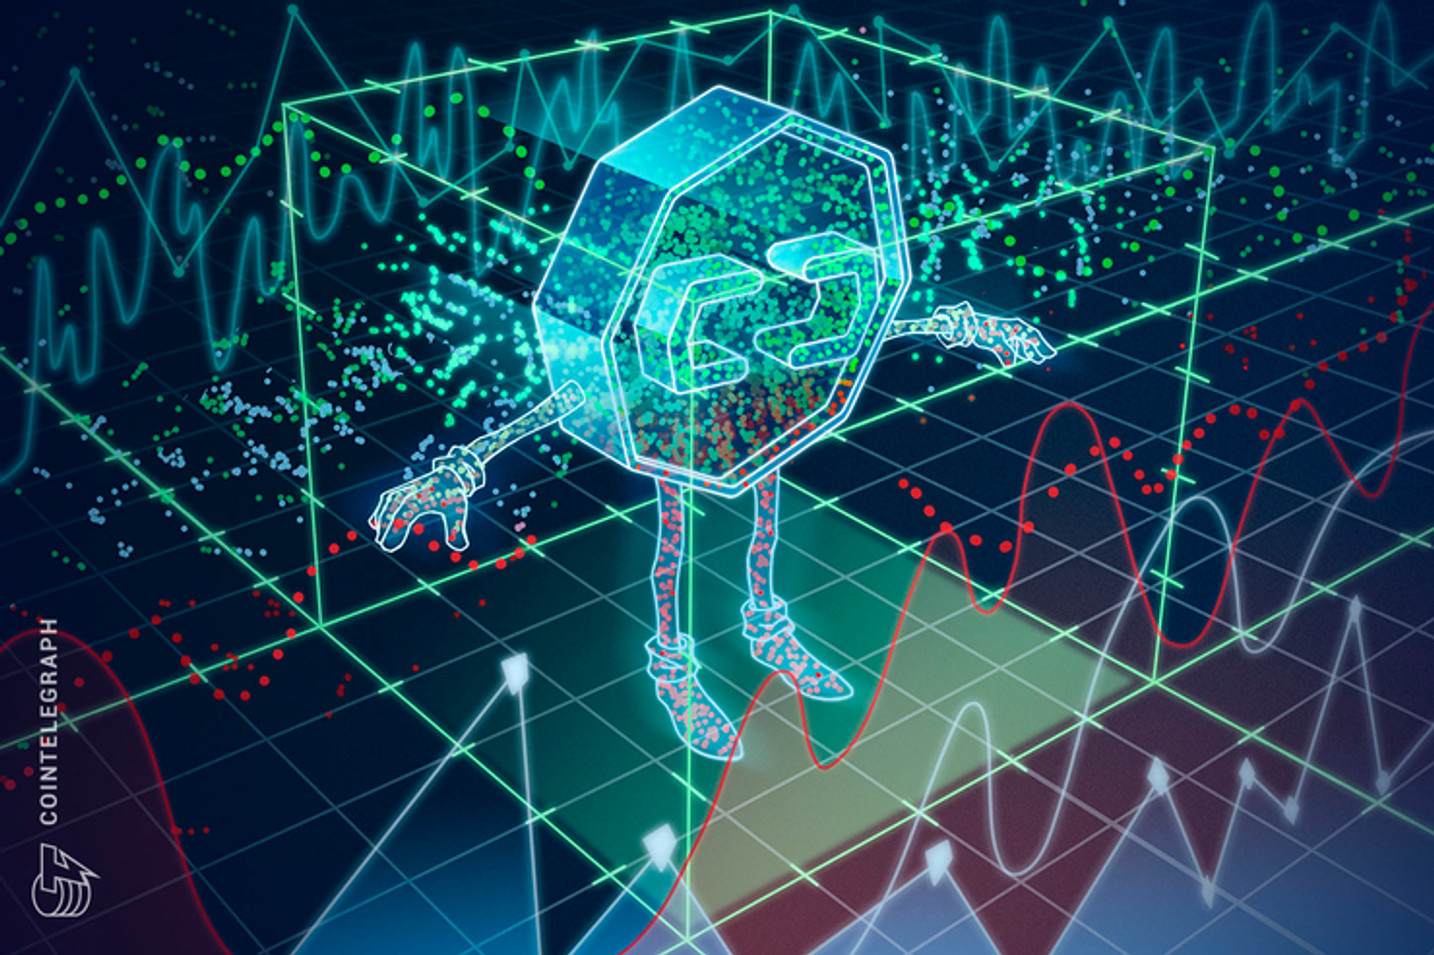 No Brasil, ABNT, em sintonia com a ISO, debate criação de normas para blockchain